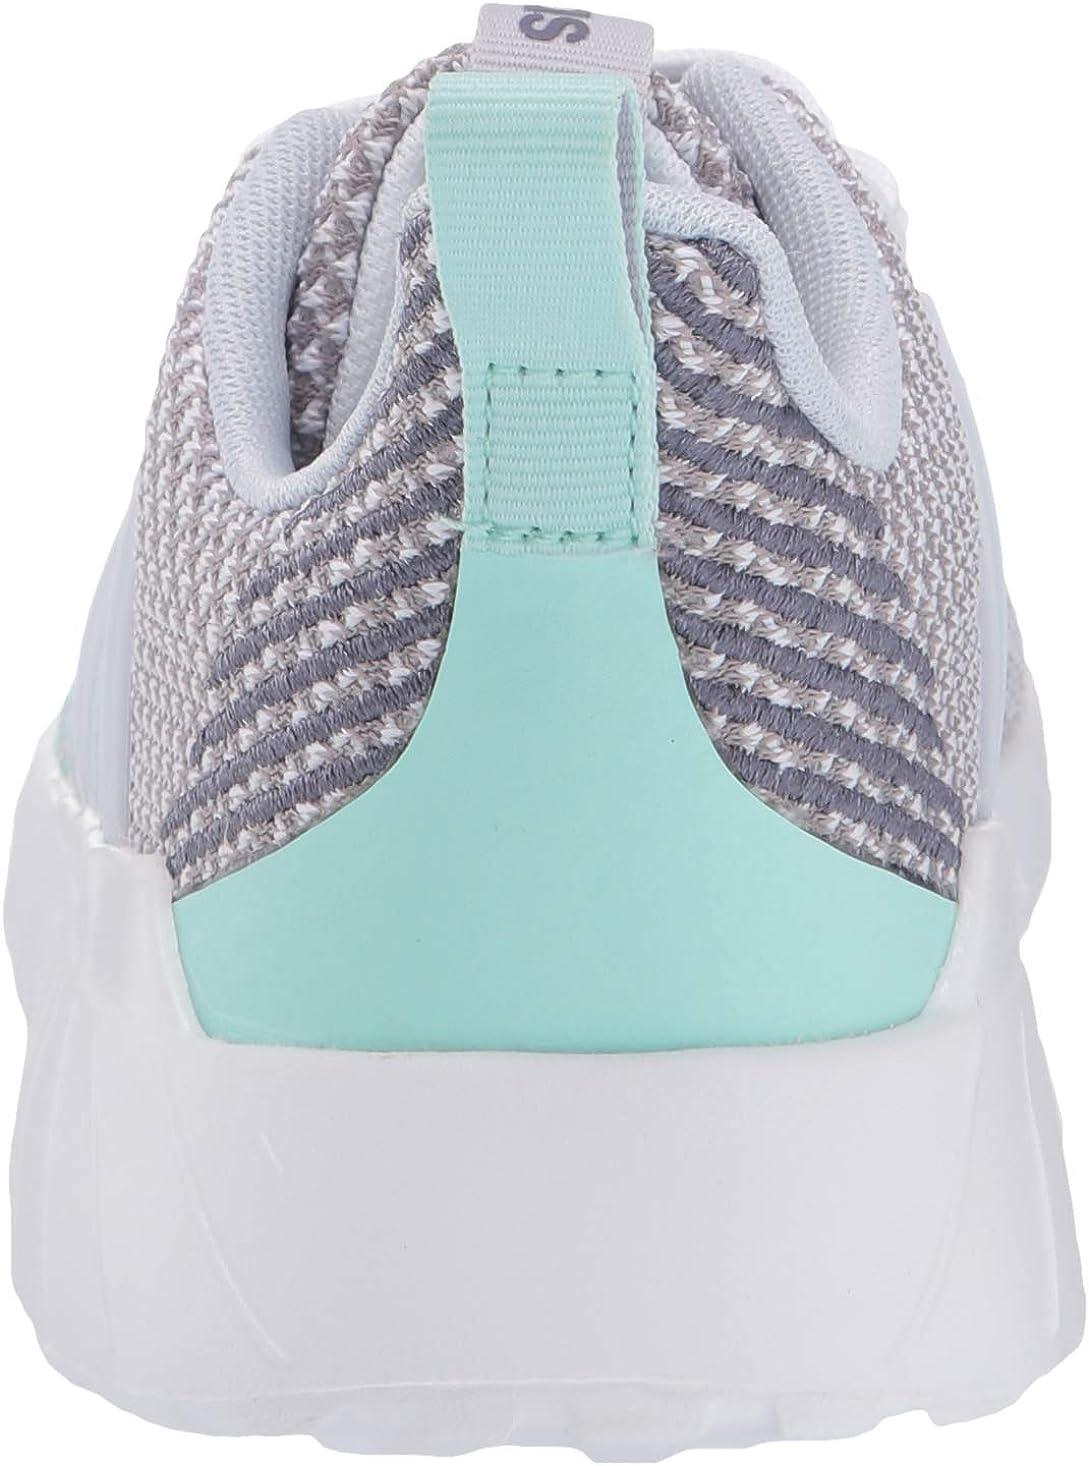 adidas Kids Questar Flow Cloudfoam Running Shoes